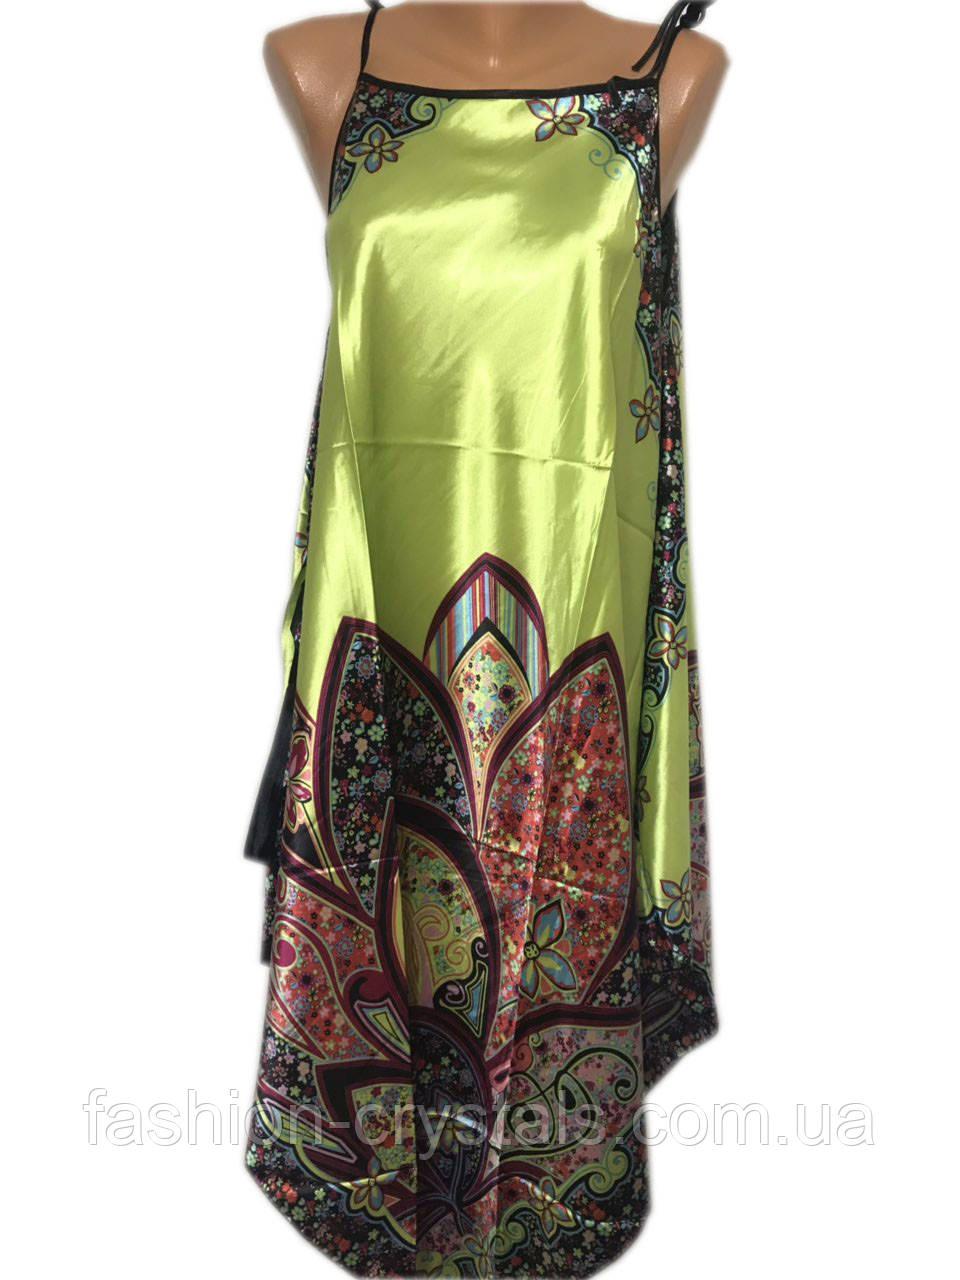 Шелковый сарафан с цветочным узором